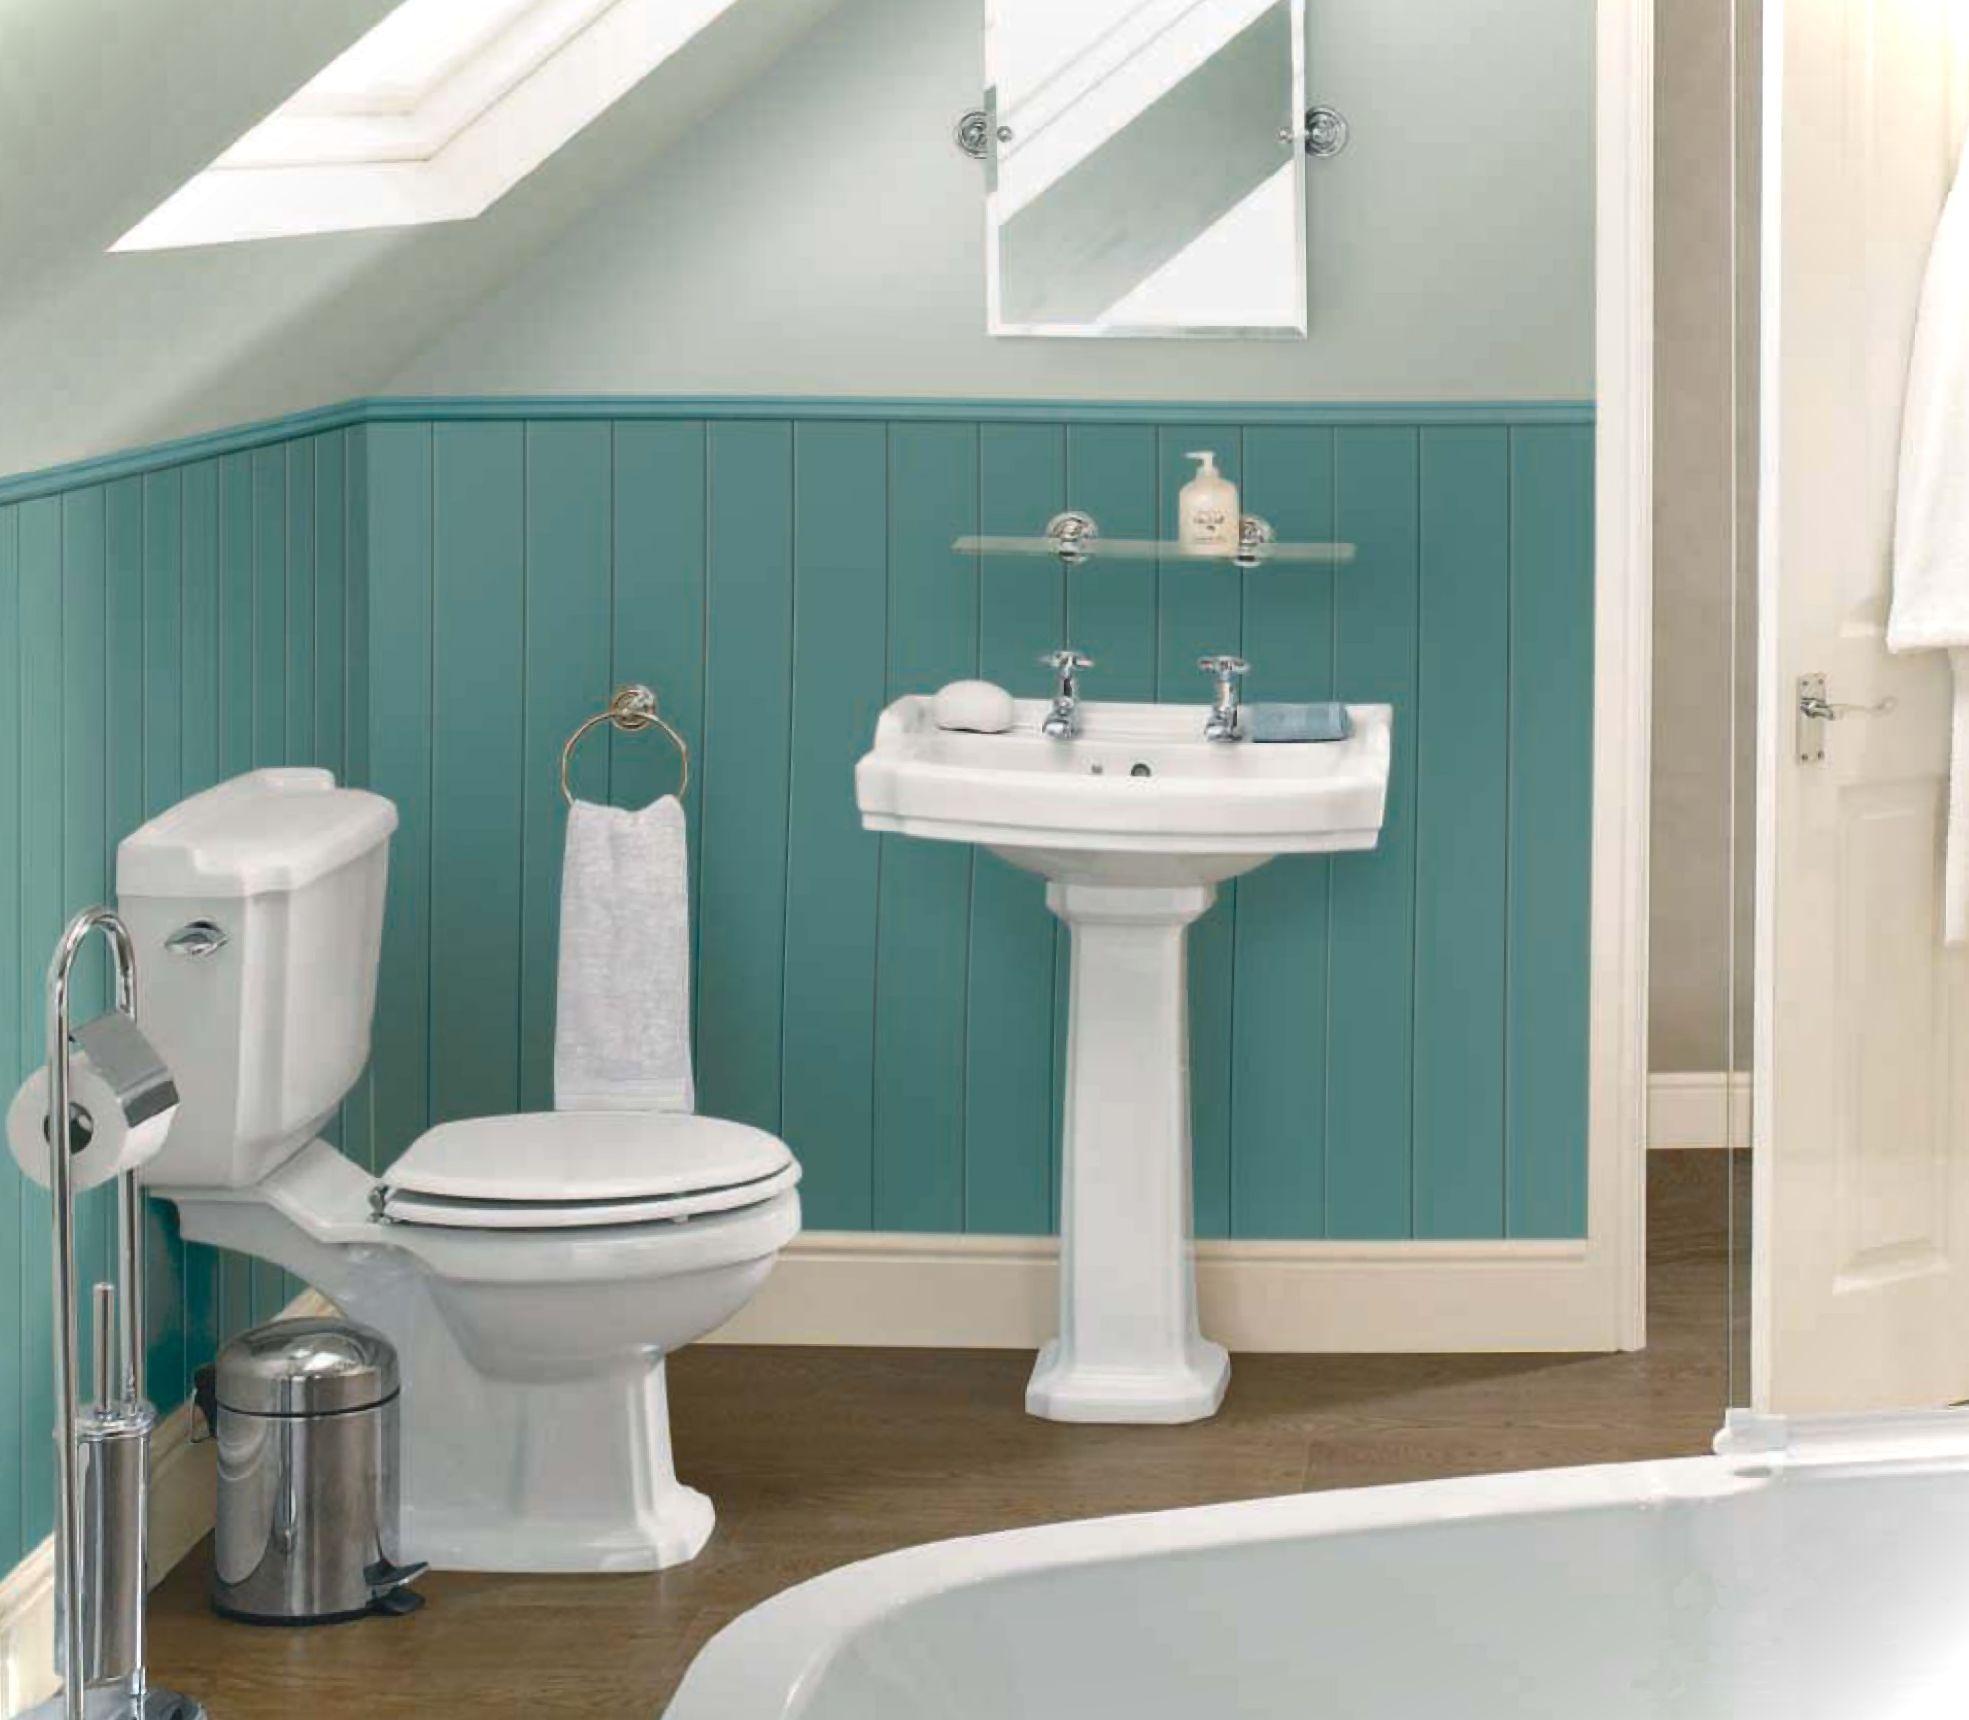 casa-de-banho-pequena-cores